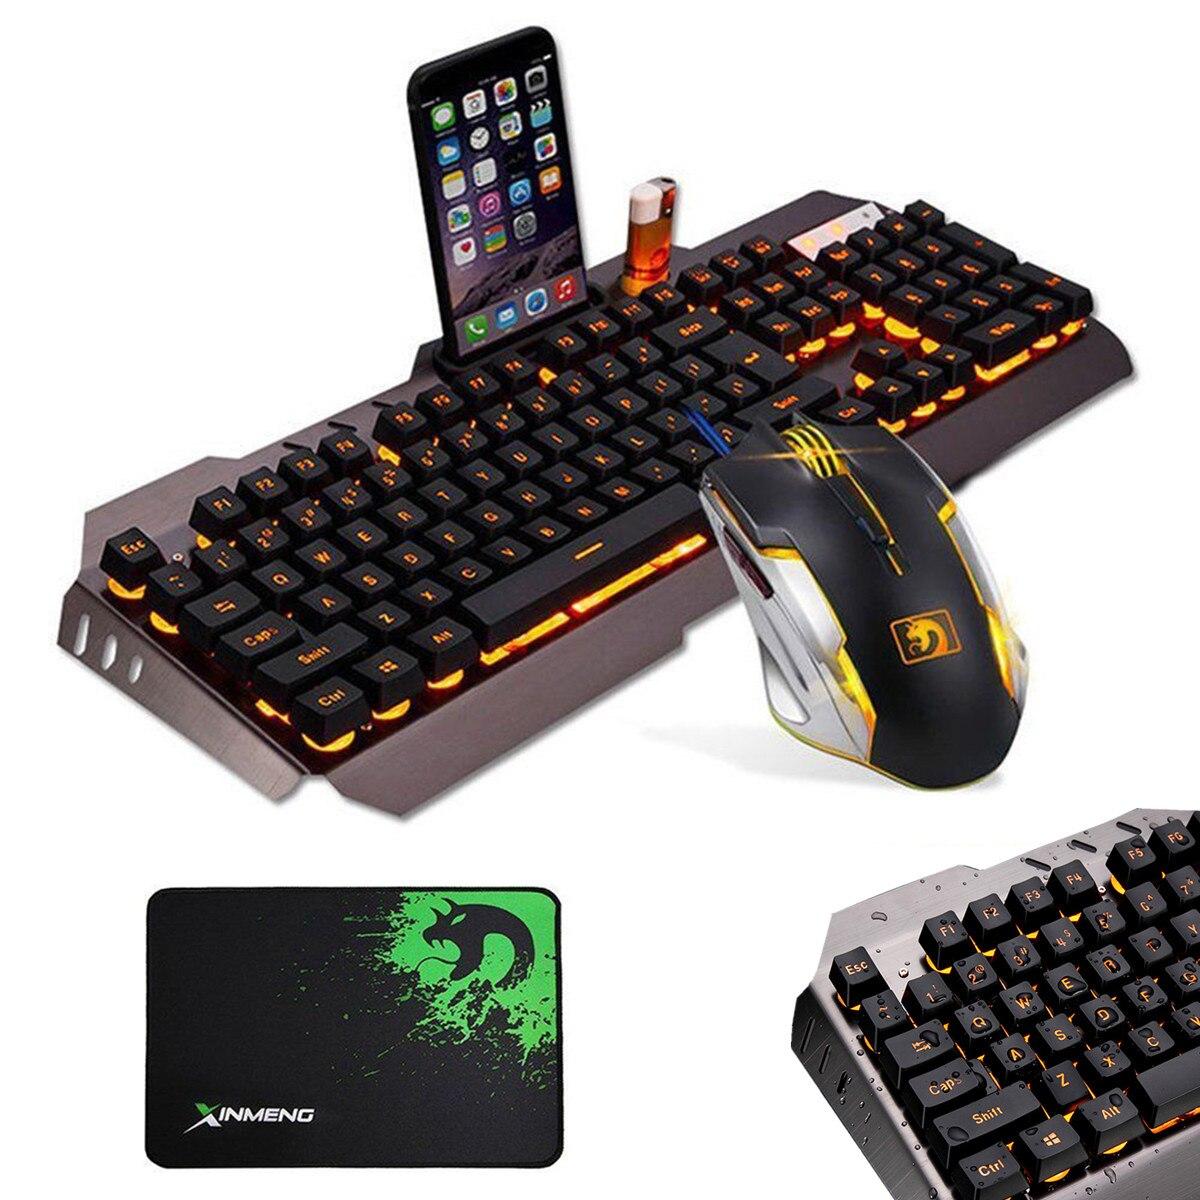 LED filaire rétro-éclairage multimédia clavier de jeu souris Combo clavier ergonomique souris optique tapis de souris ensemble